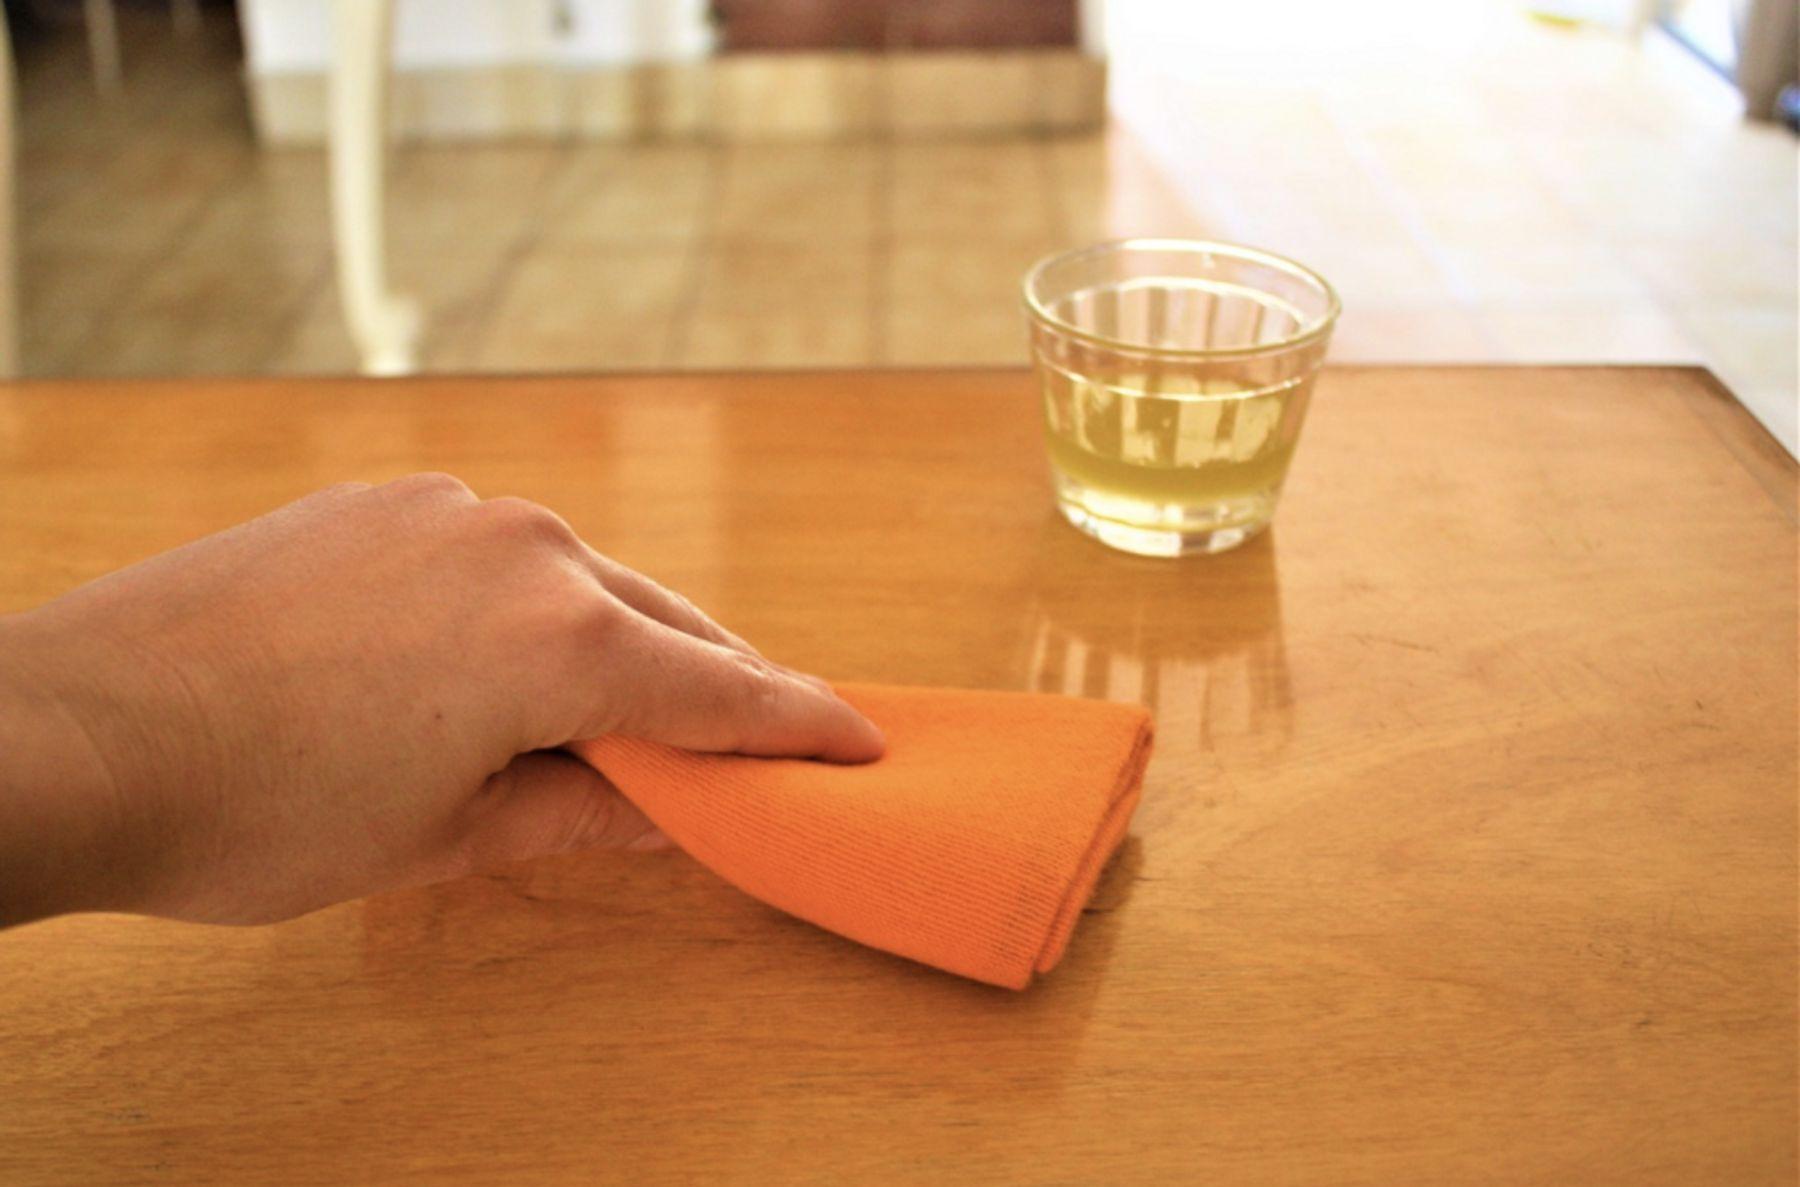 Métodos para cuidar y limpiar muebles de madera